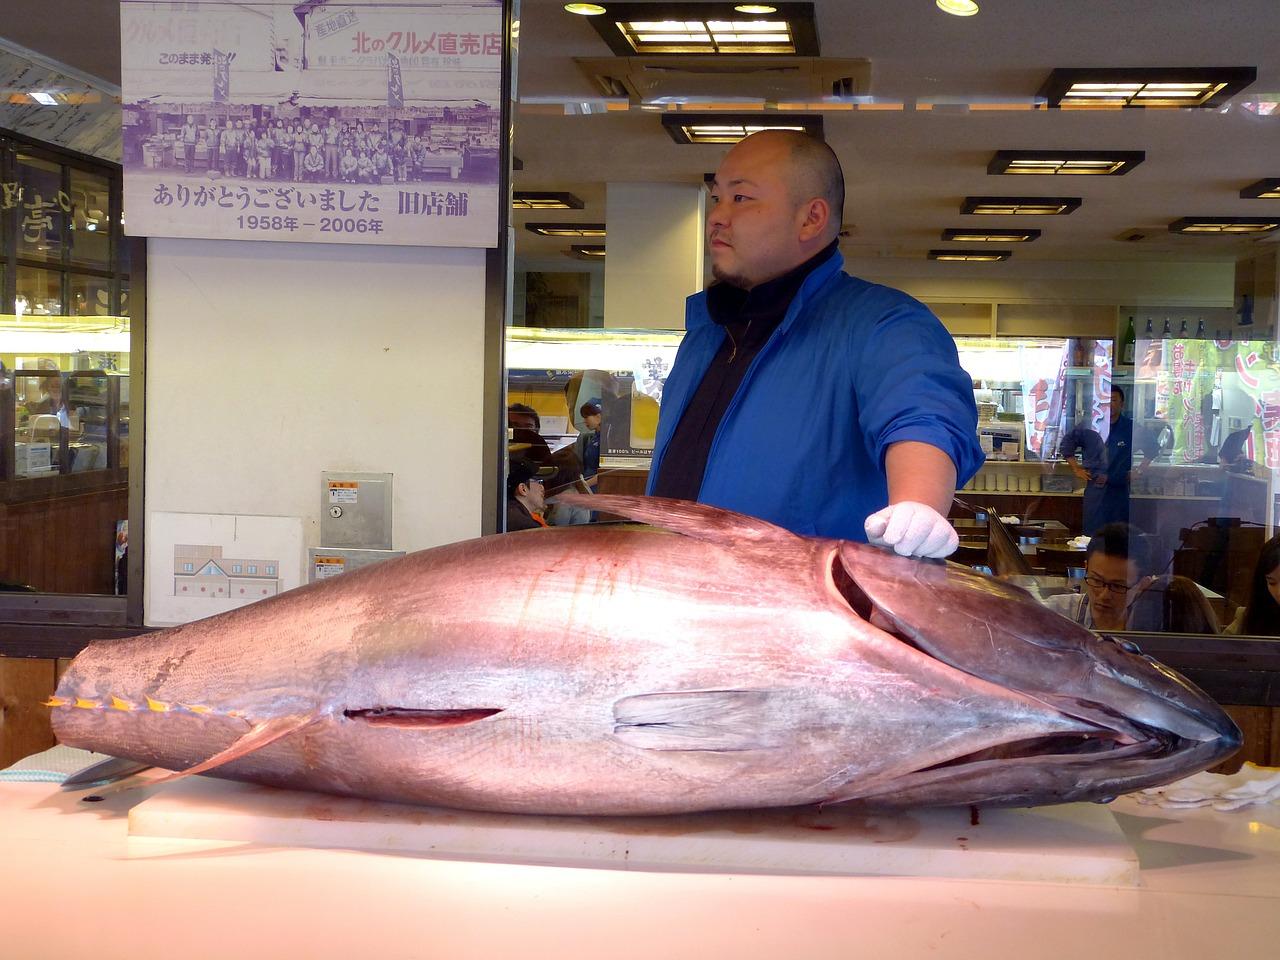 Giappone: 2,7 milioni di euro per un tonno